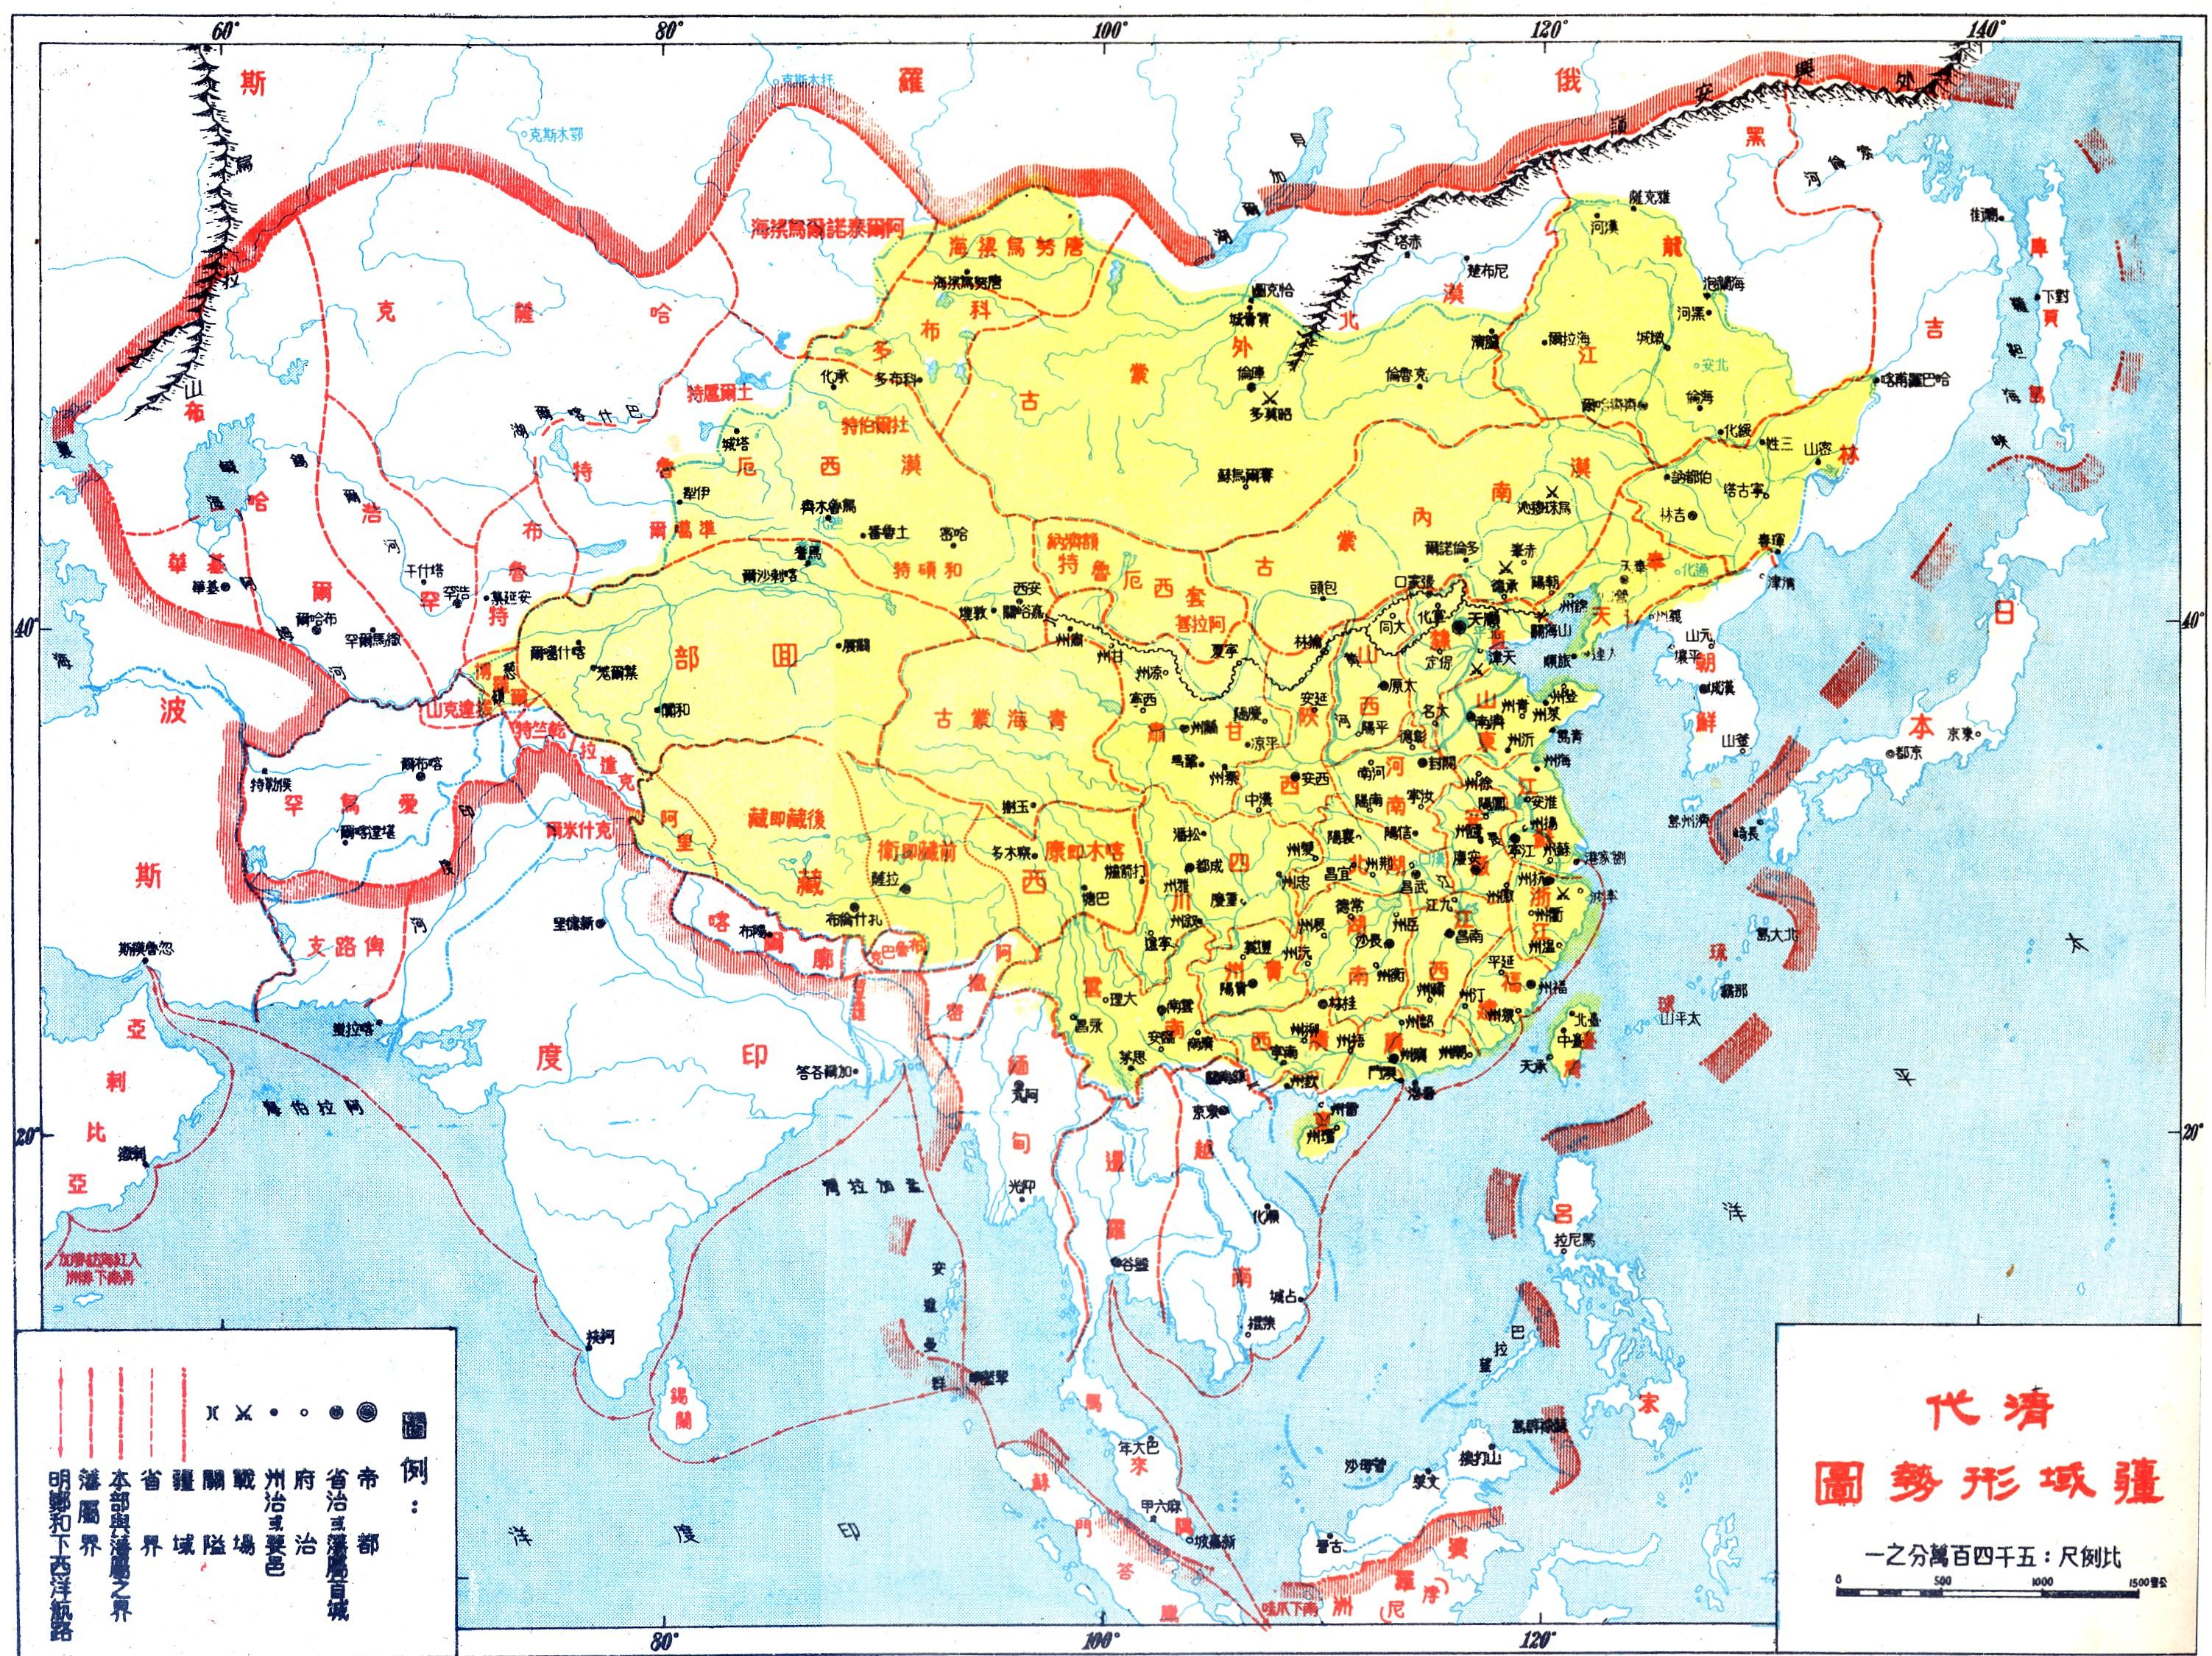 明代疆域形势图